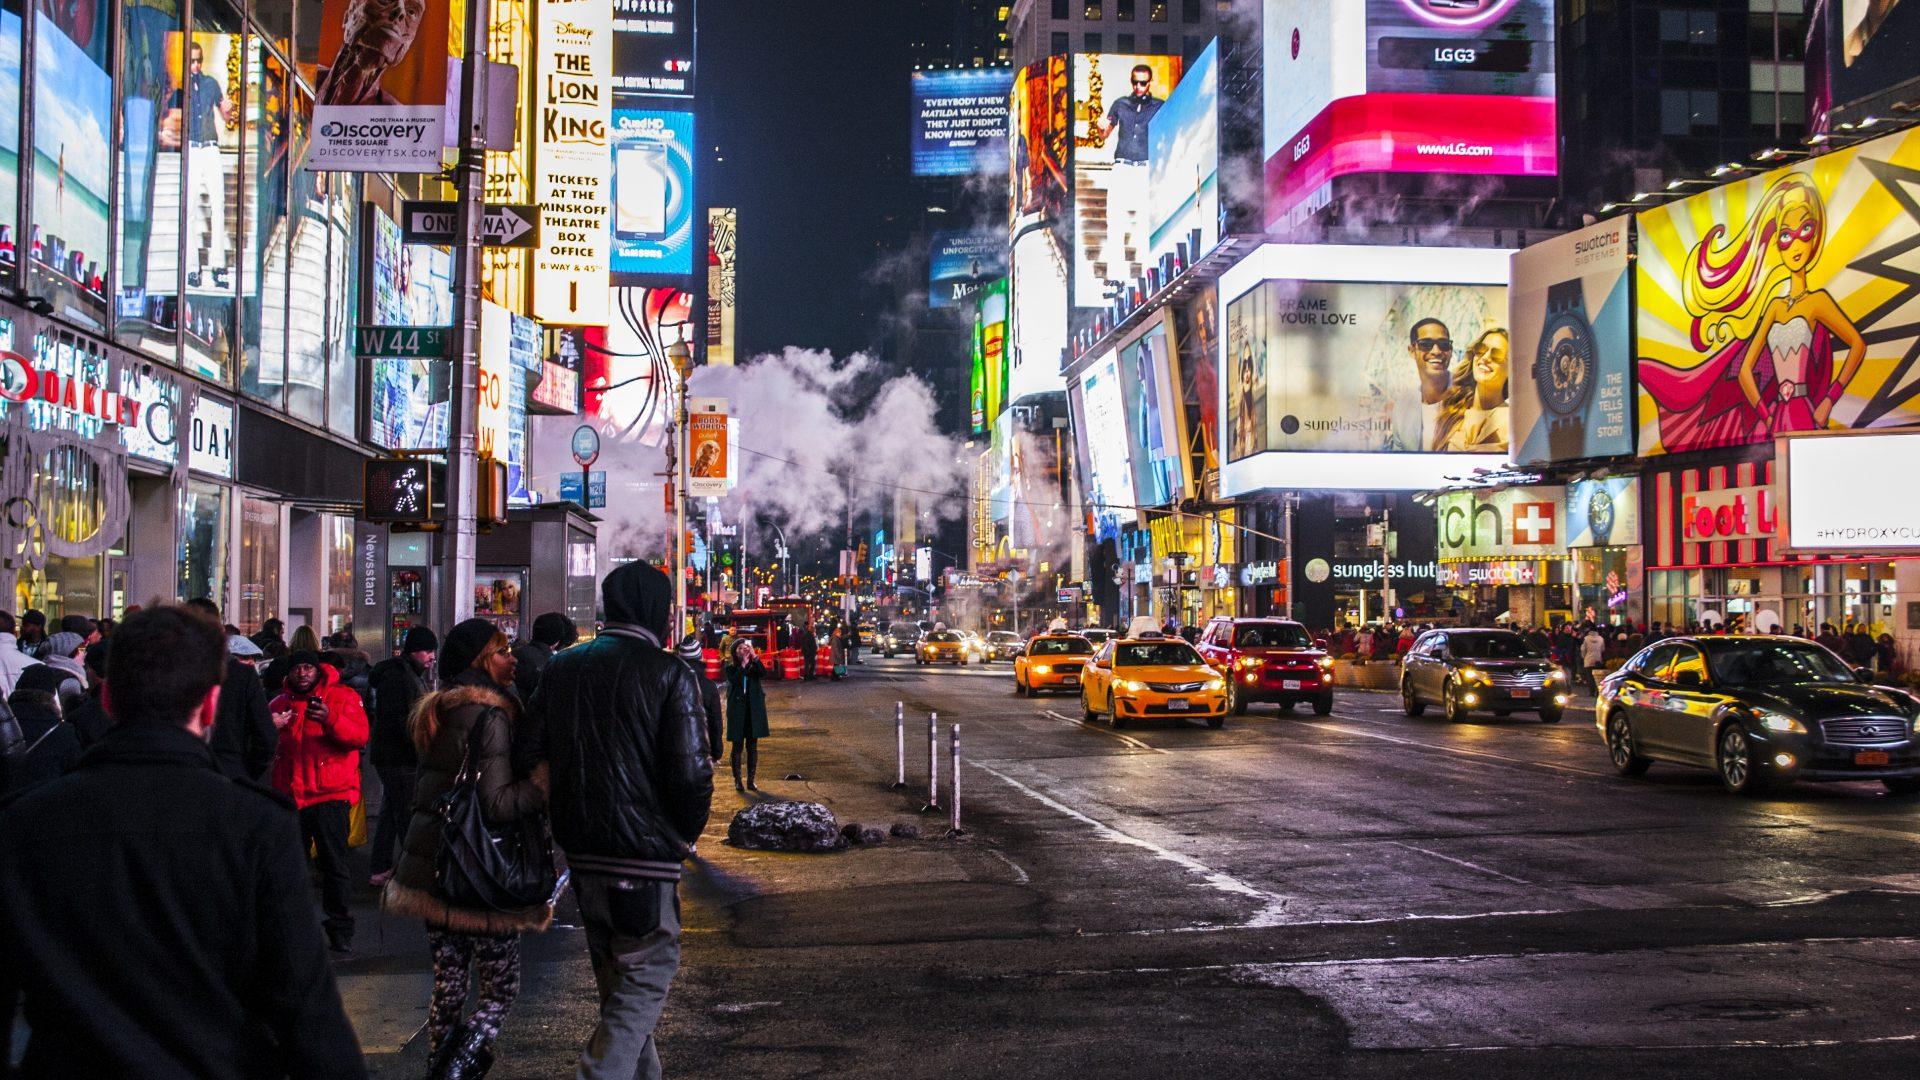 new york city per luciano